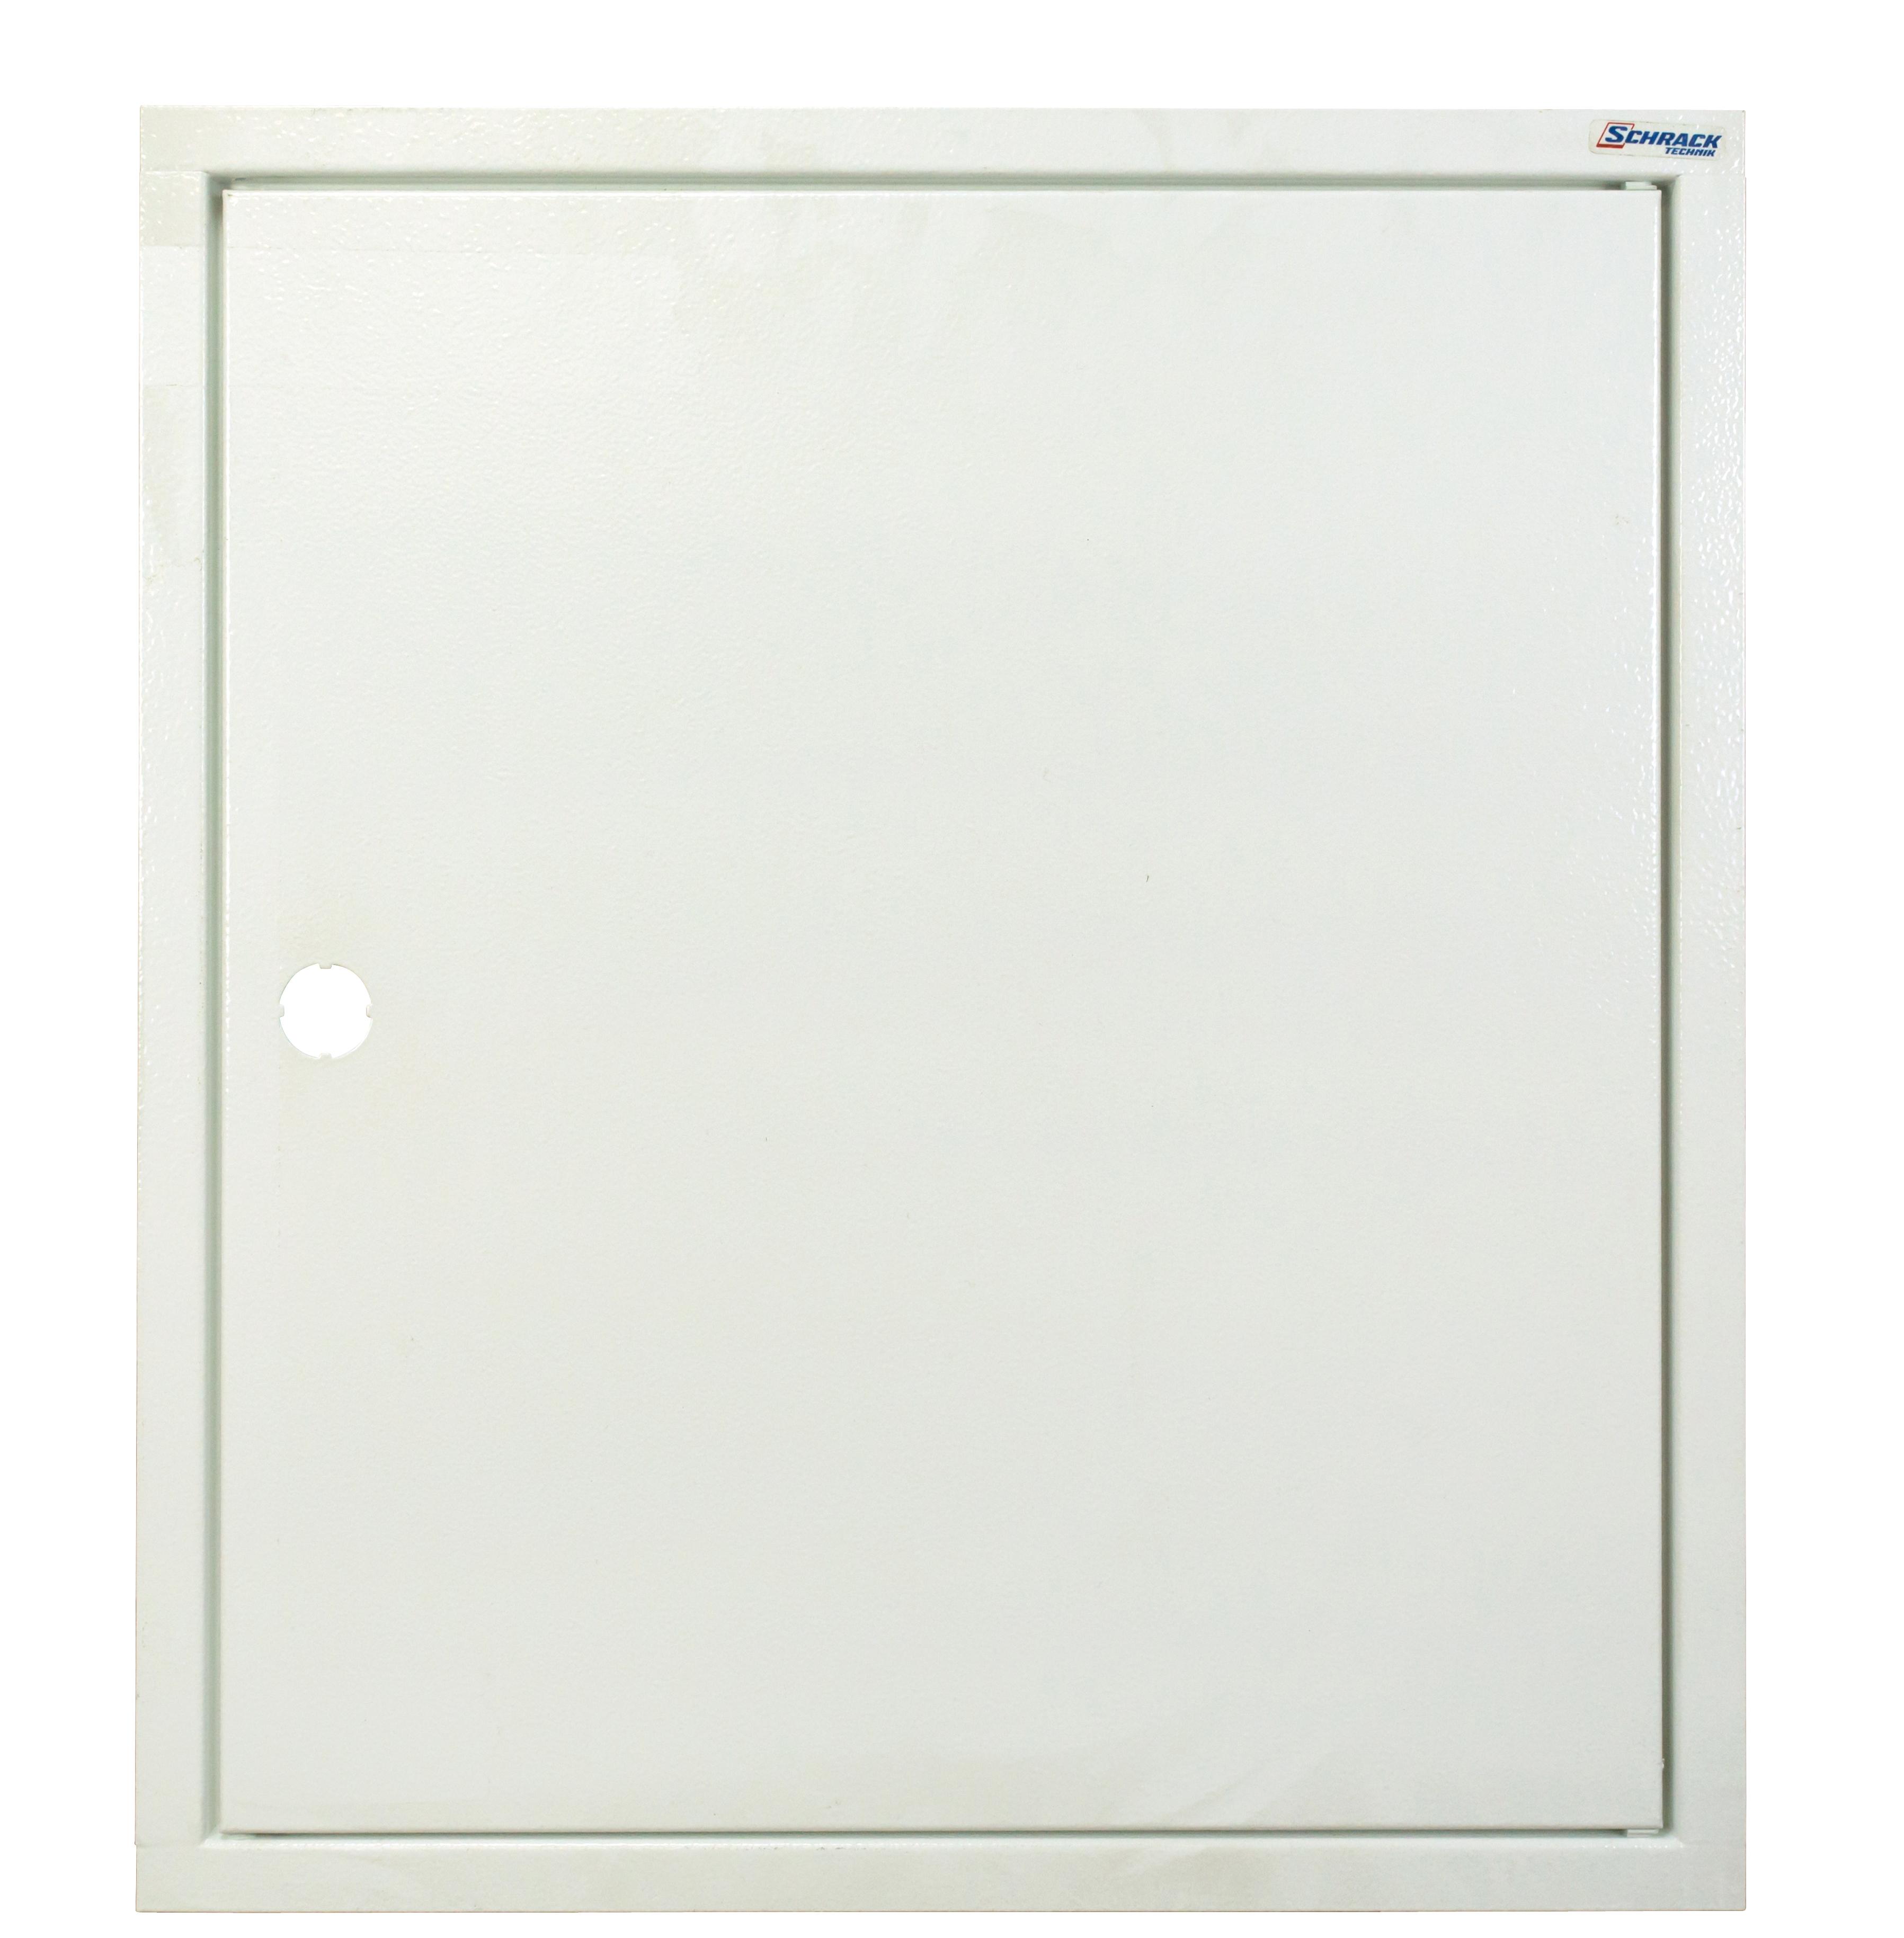 1 Stk Unterputz-Rahmen mit Türe 2U-12 flach, H640B590T100mm IL012212-F